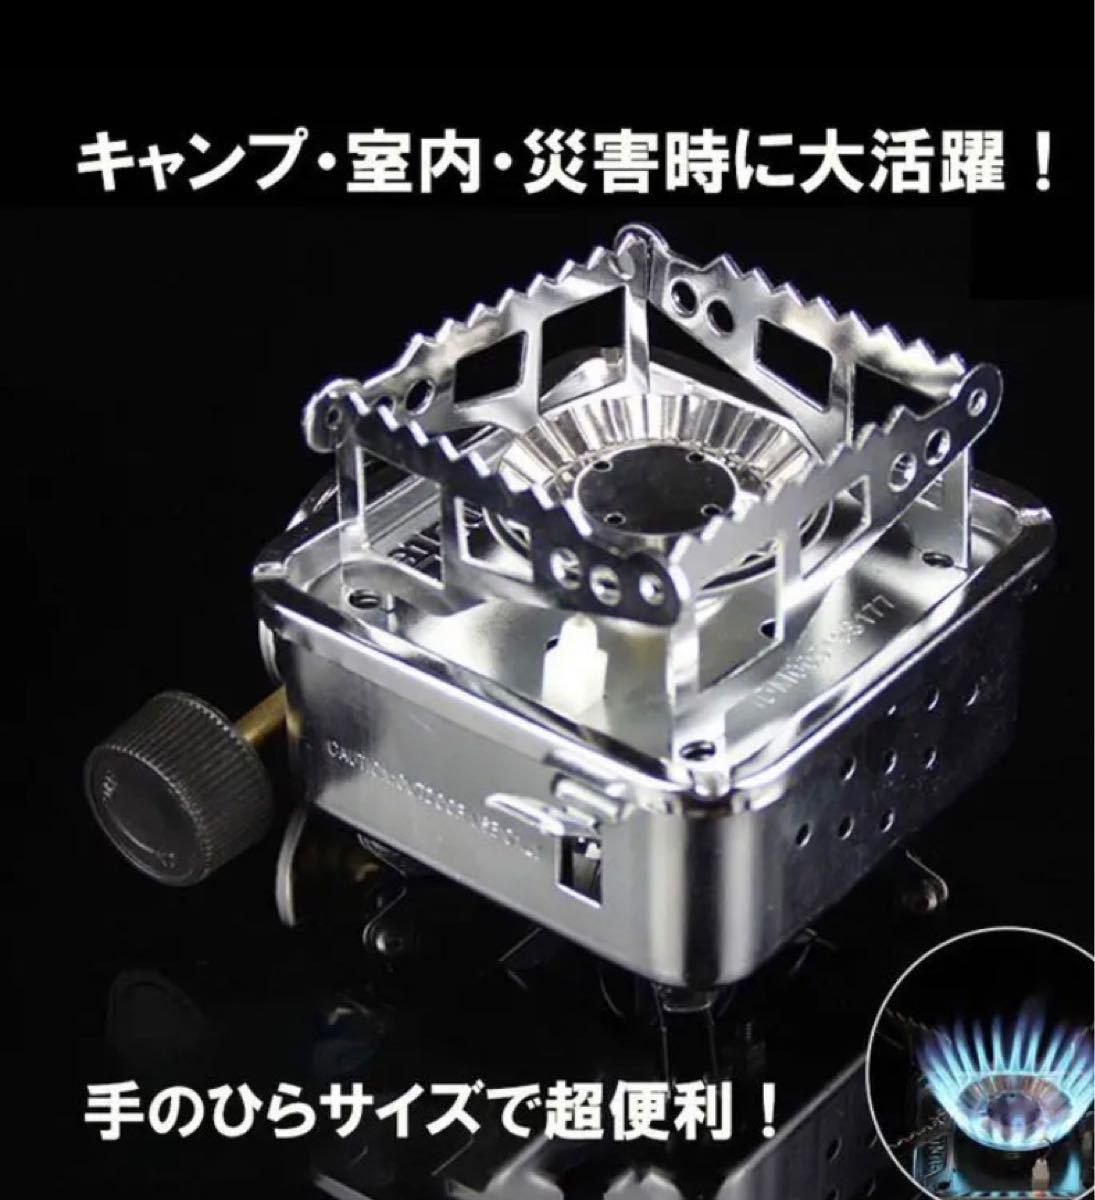 高品質 防災 折り畳み シングルバーナー ガスバーナー 遮熱板 カセットボンベ カセットガス ガスコンロ 安全 小型